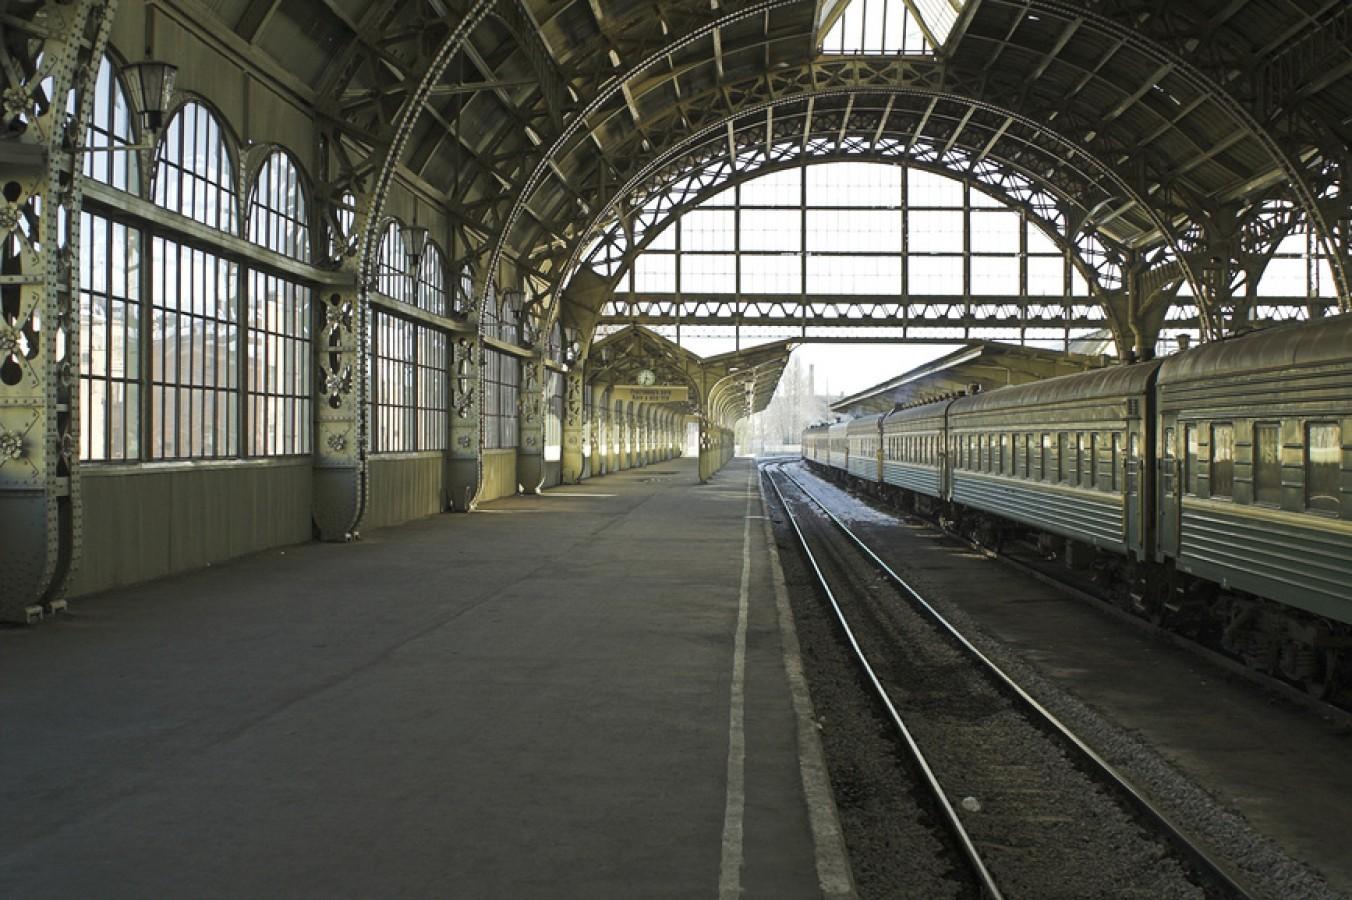 ВПетербурге пассажиры смогут бесплатно пользоваться туалетами навокзалах